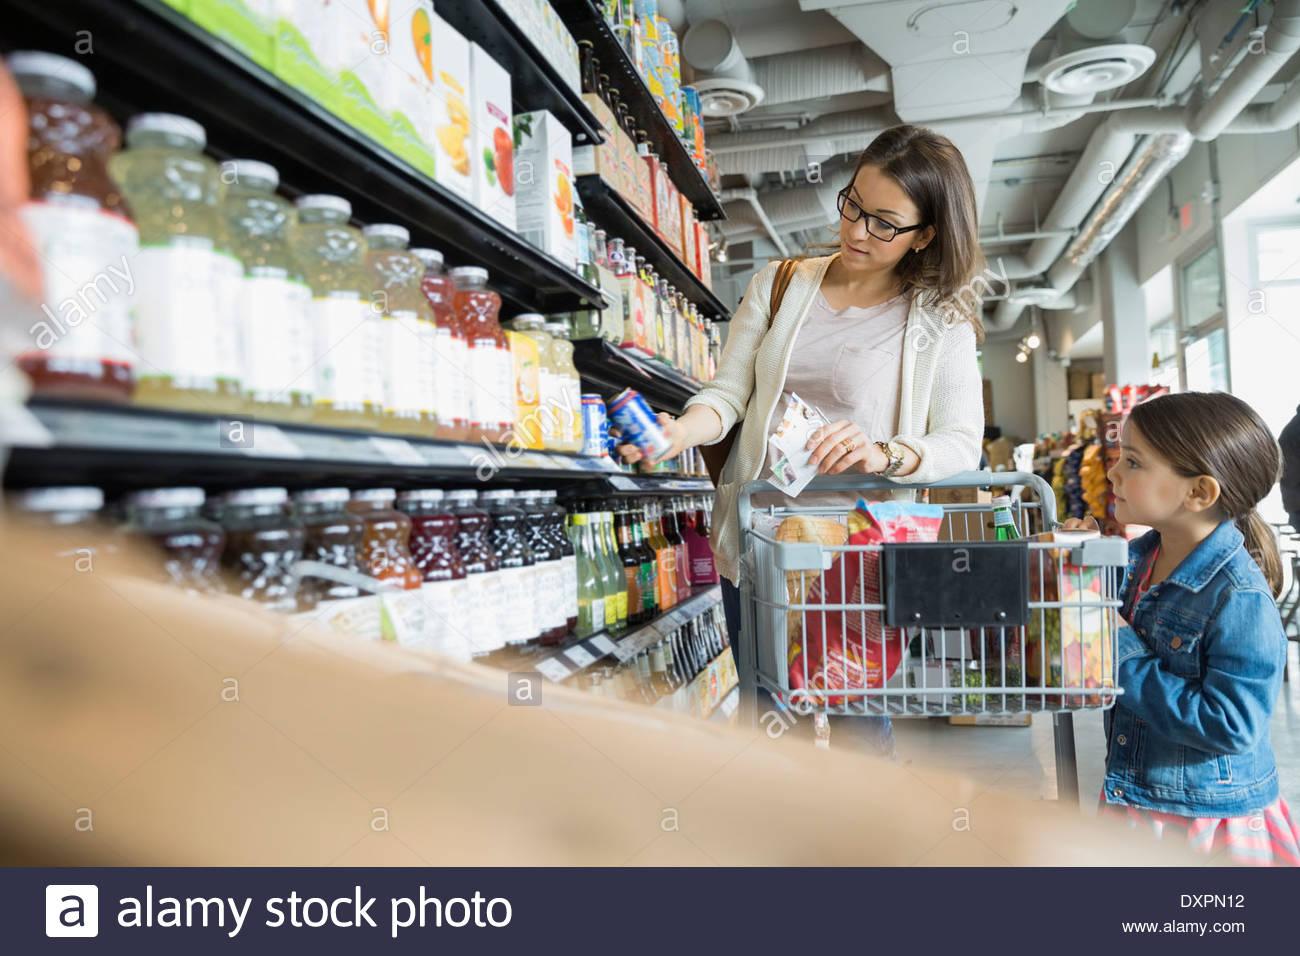 Madre e hija de compras en el mercado Imagen De Stock